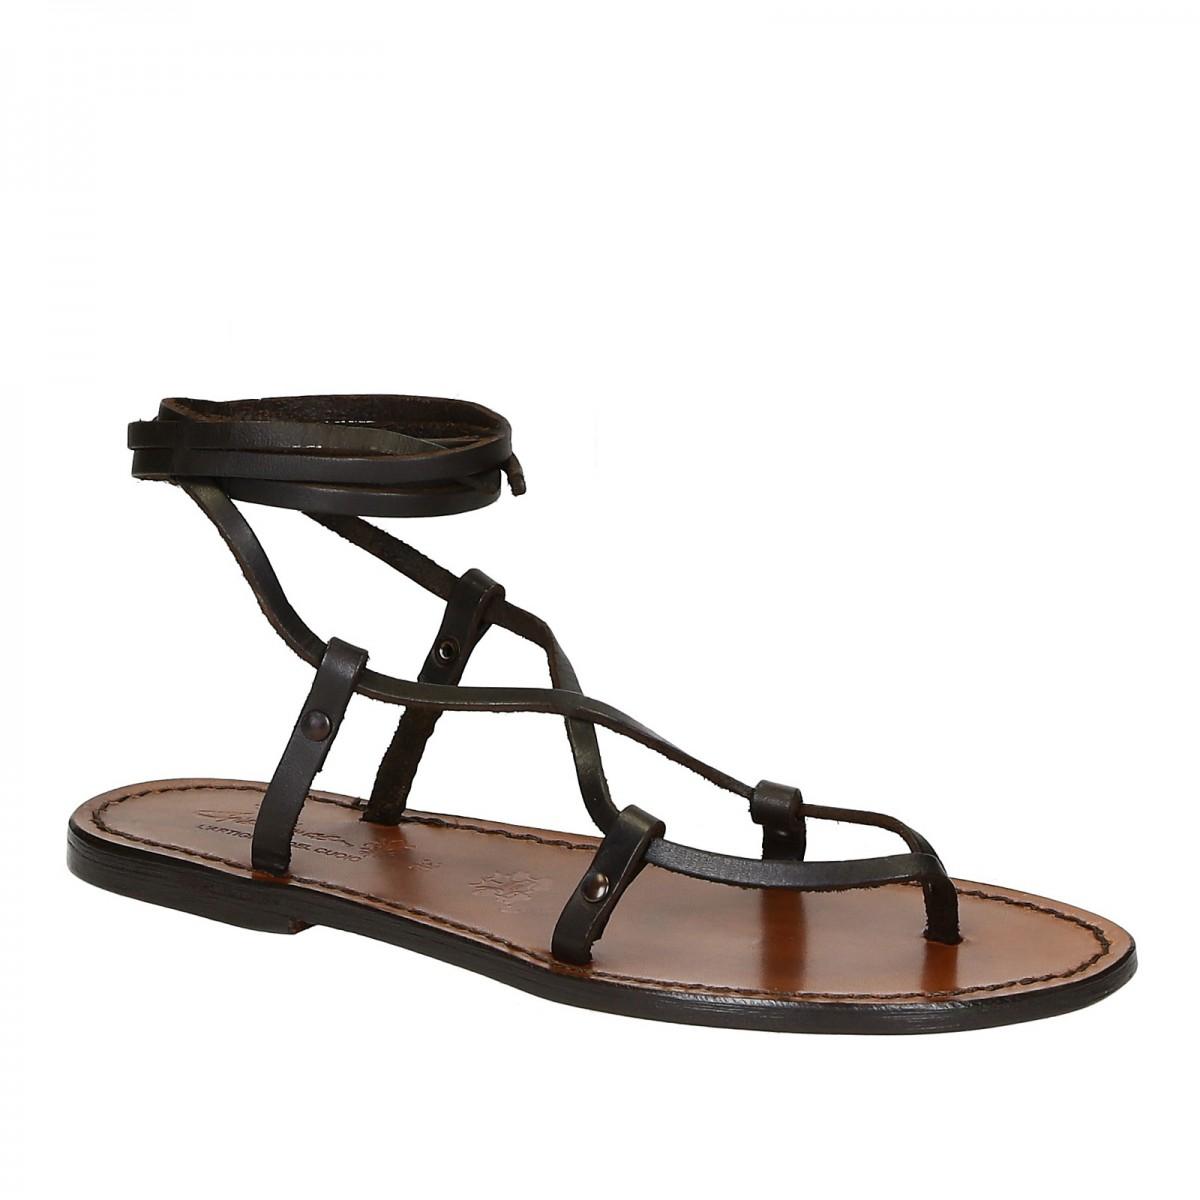 01b587e9e4f ... gladiator sandals in brown calf leather. Reduced price! Scarpe a  schiava fatte a mano in pelle testa di moro. Loading zoom